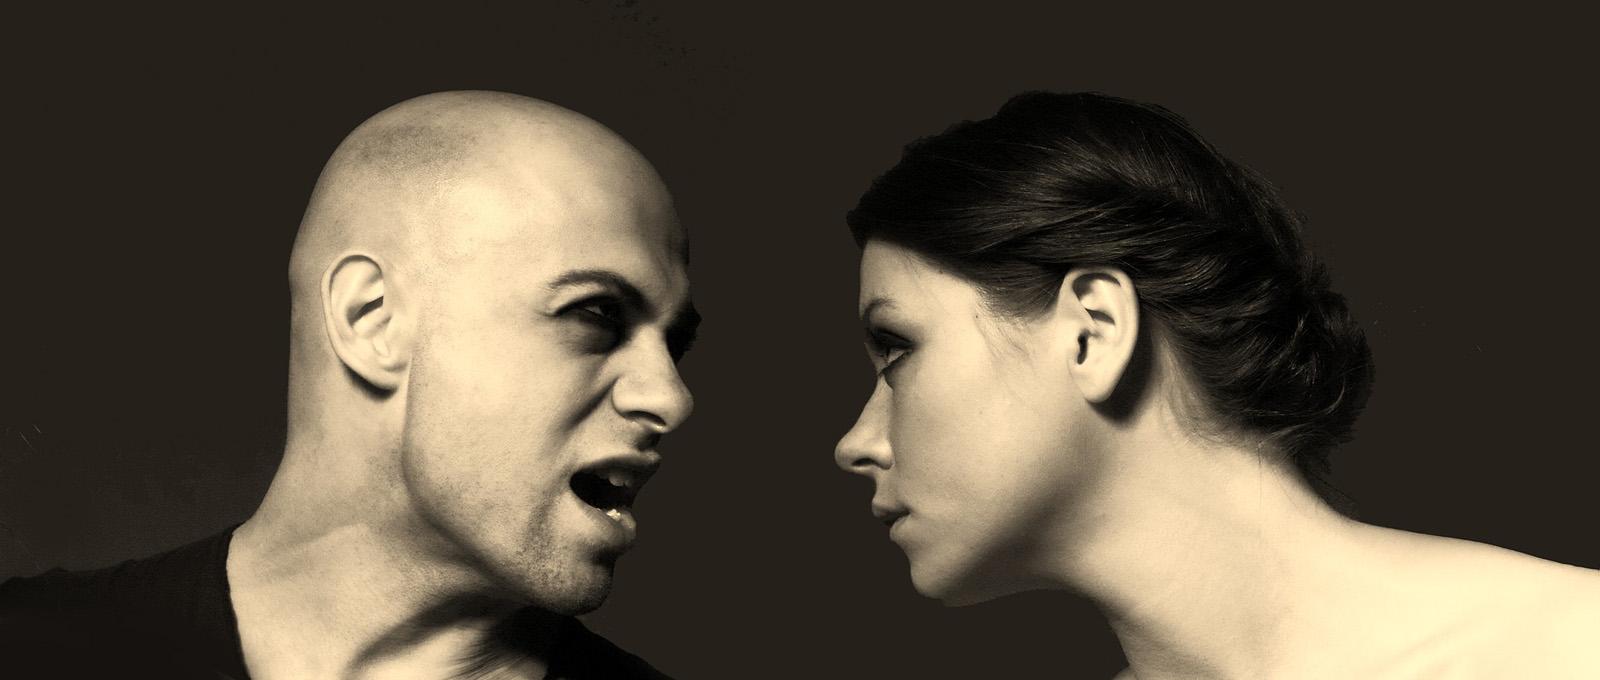 Frau und Mann: was bedeutet das? ©pixabay